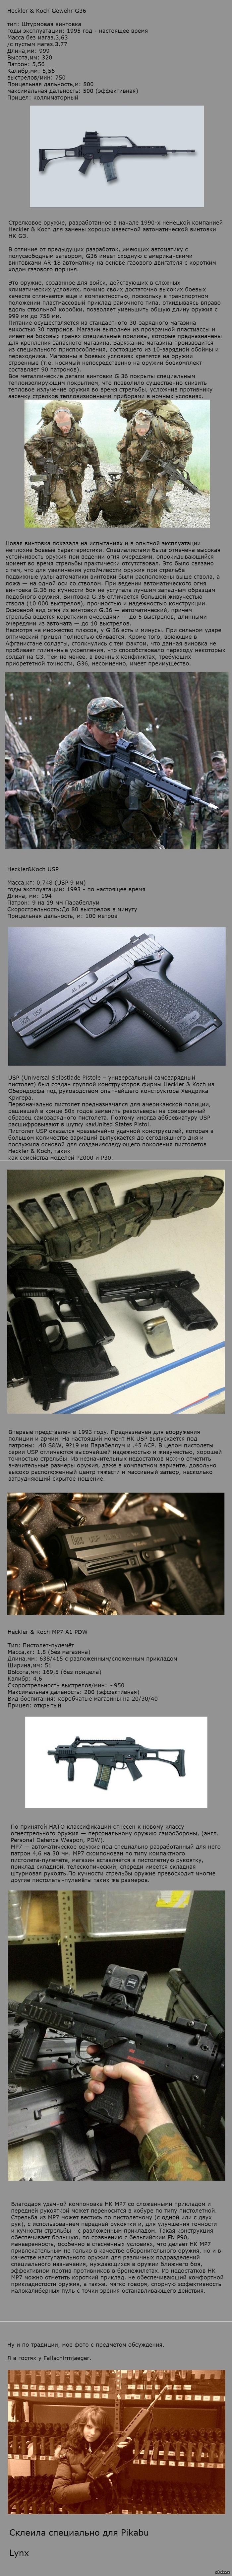 Огнестрельное оружие бундесвера. Обзор и описание огнестрельного оружия в базовой комплектации.